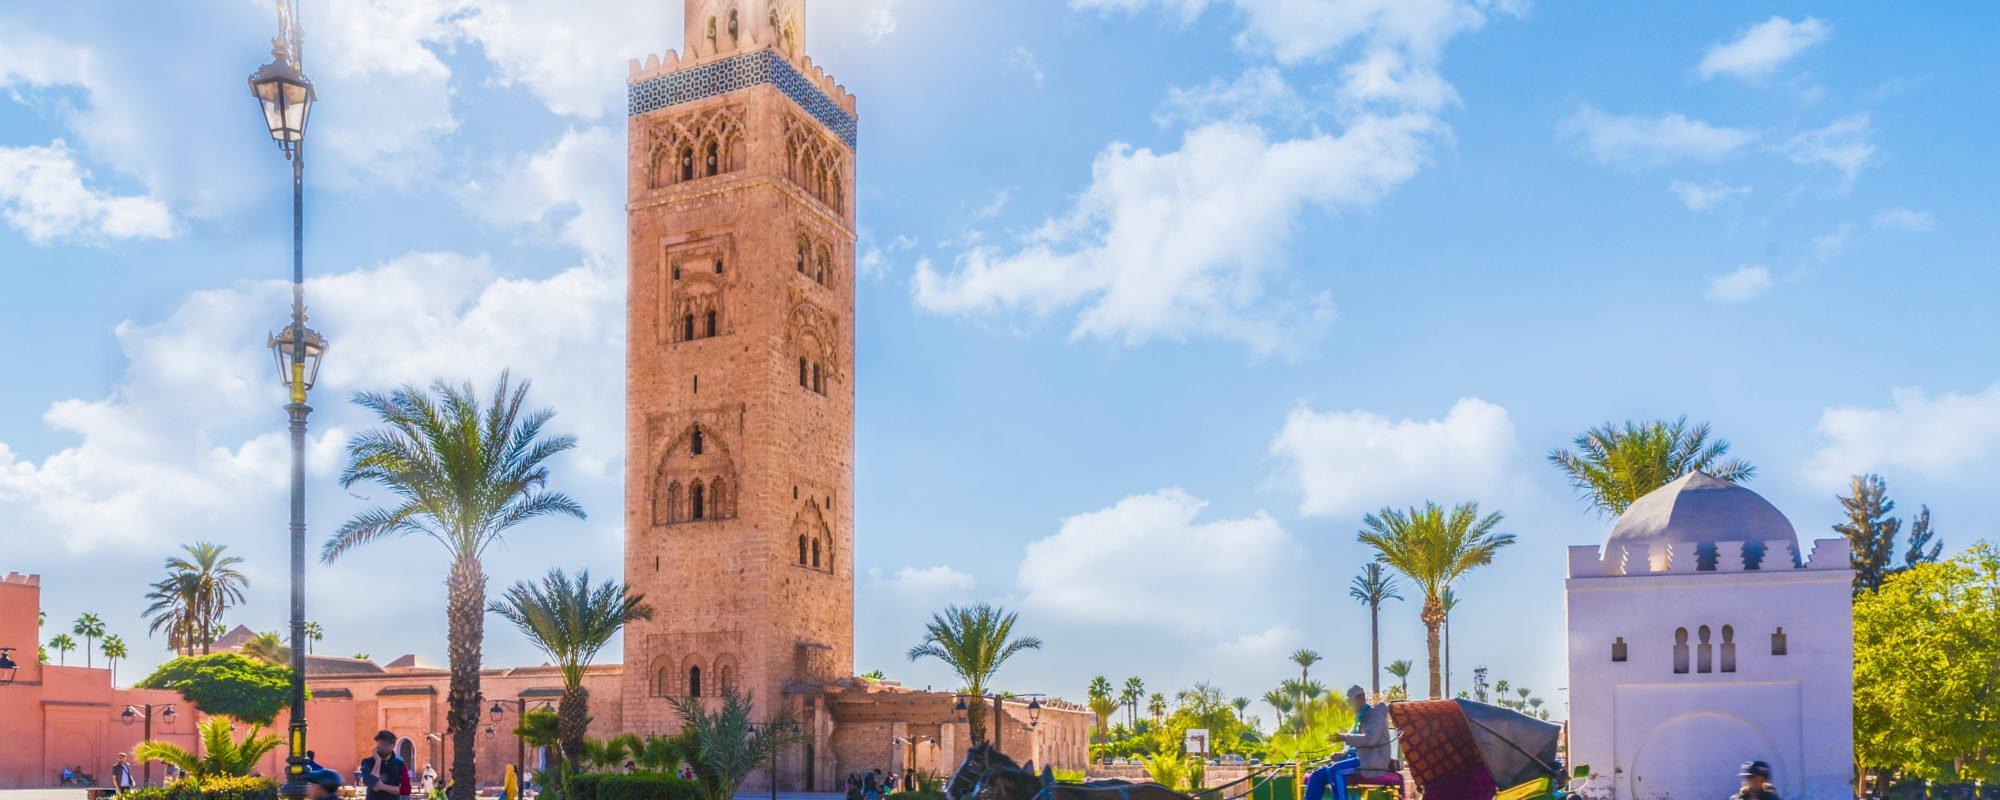 Morocco Culture